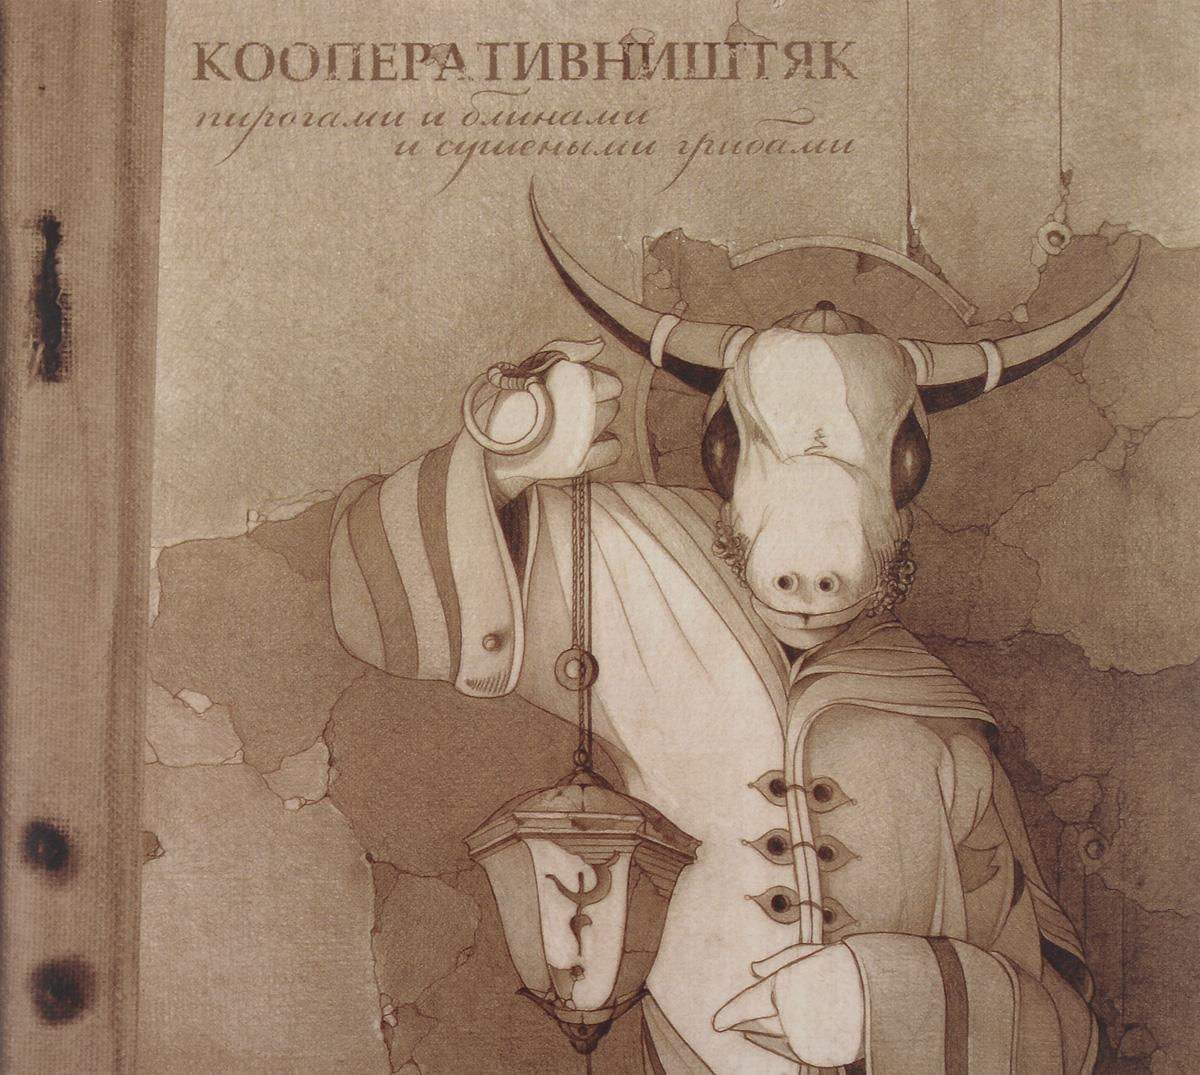 Издание содержит иллюстрированный 8-страничный буклет с текстами песен на русском языке.